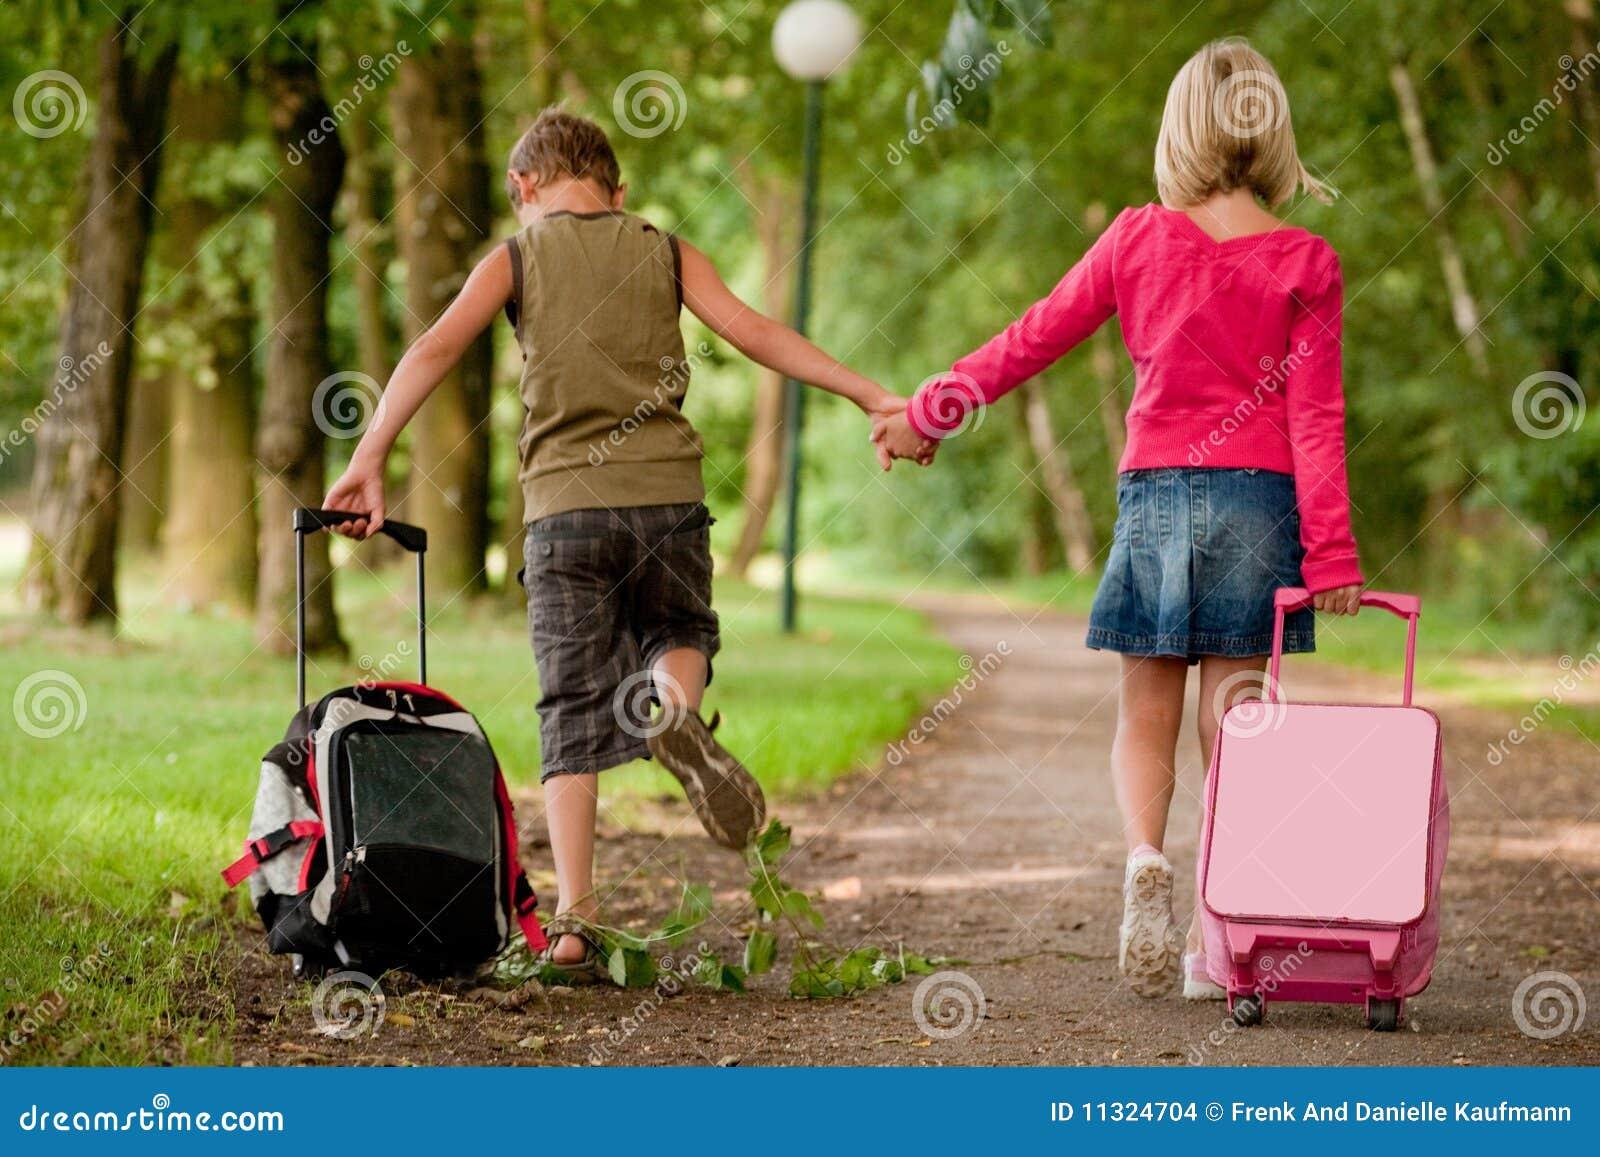 Gehen mit den Koffern zurück